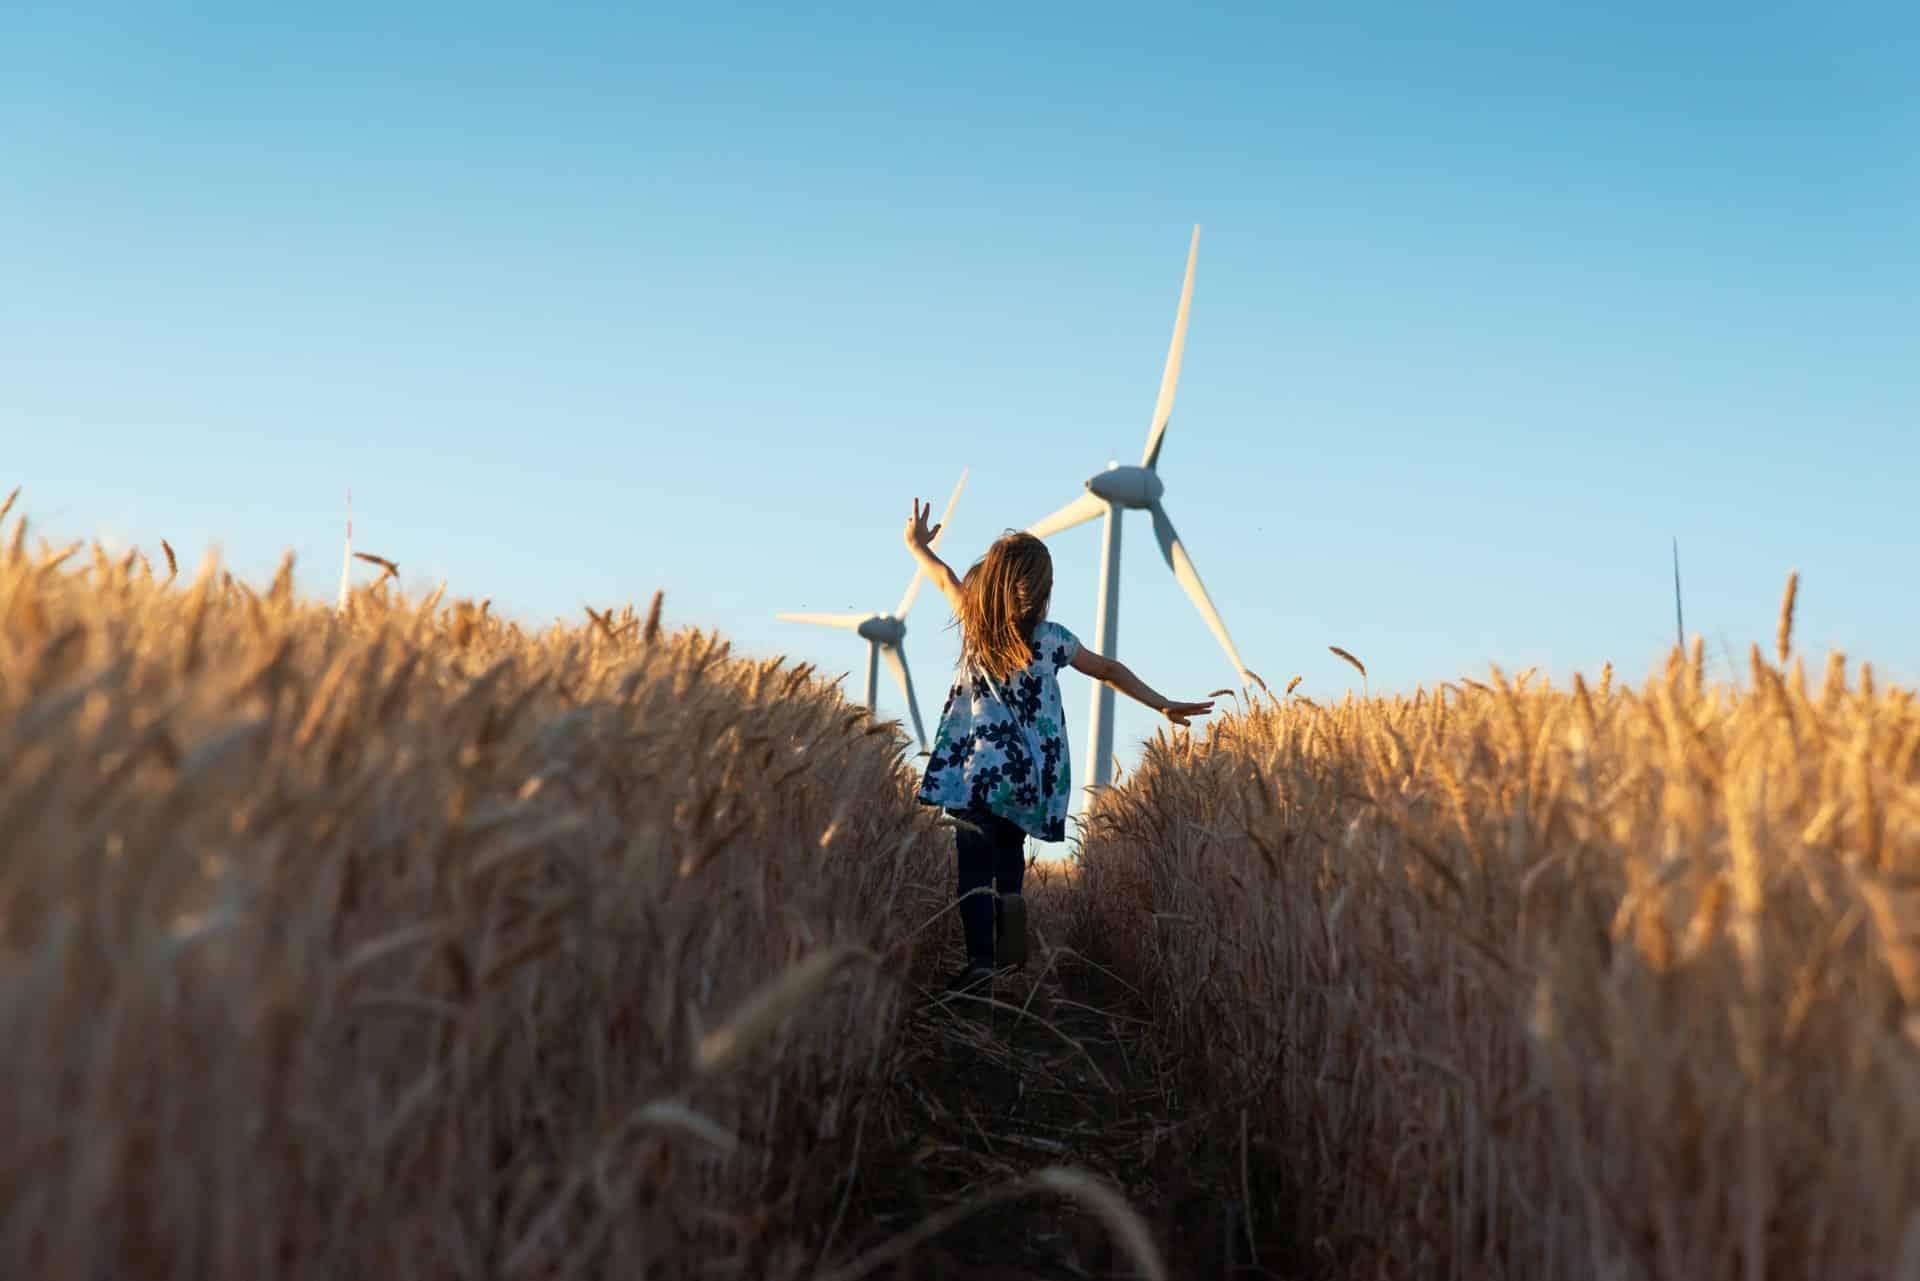 Is het nu een interessant moment om mijn energiecontract te vernieuwen?